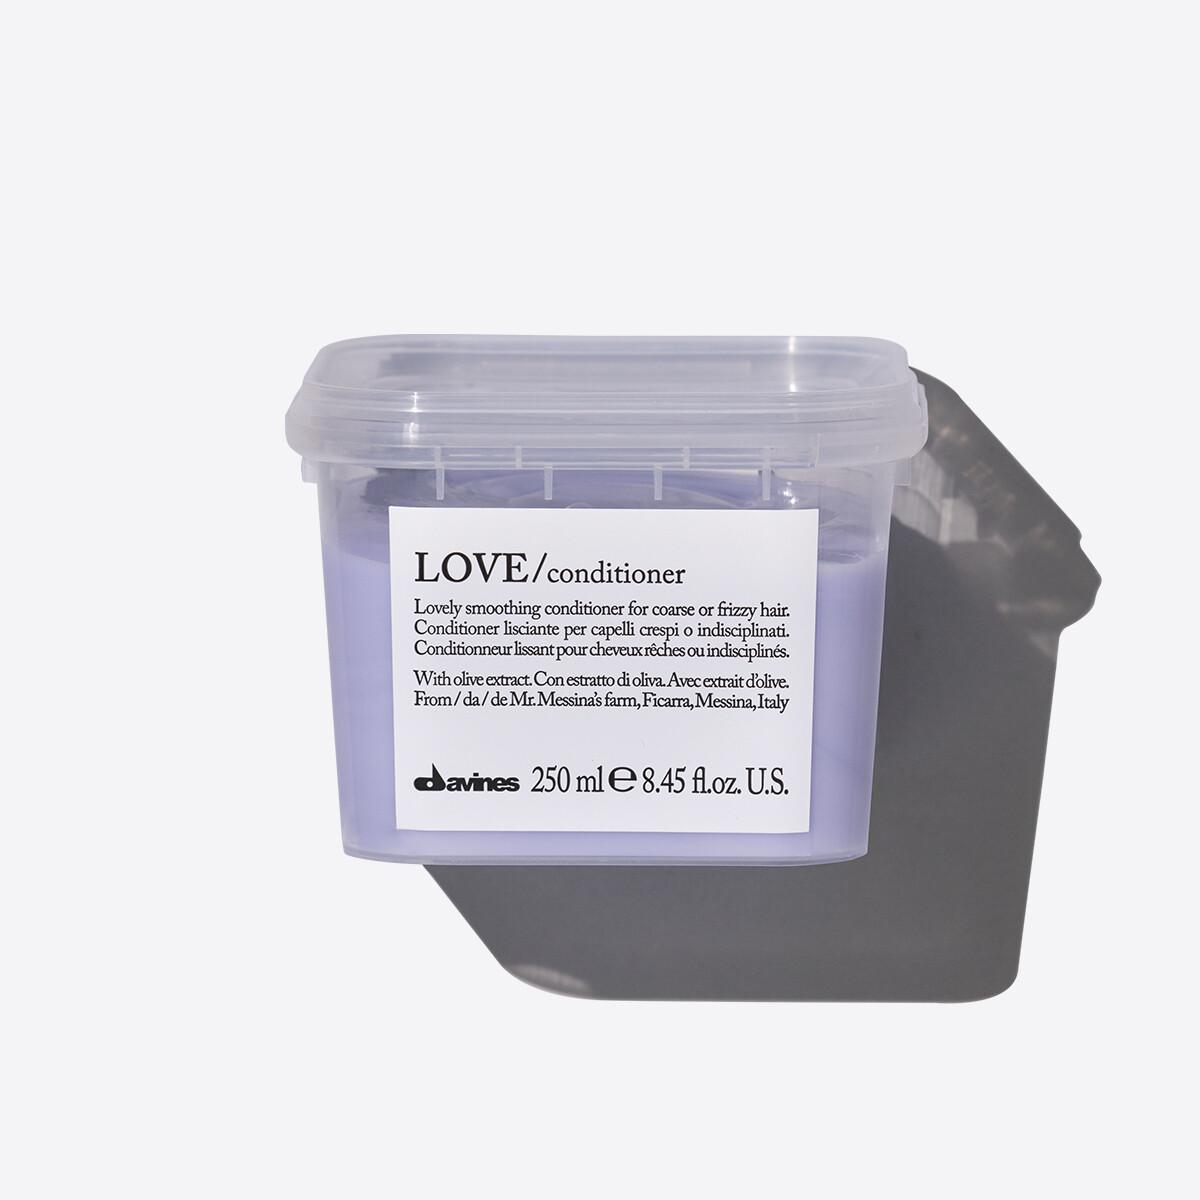 LOVE/conditioner 250 ml